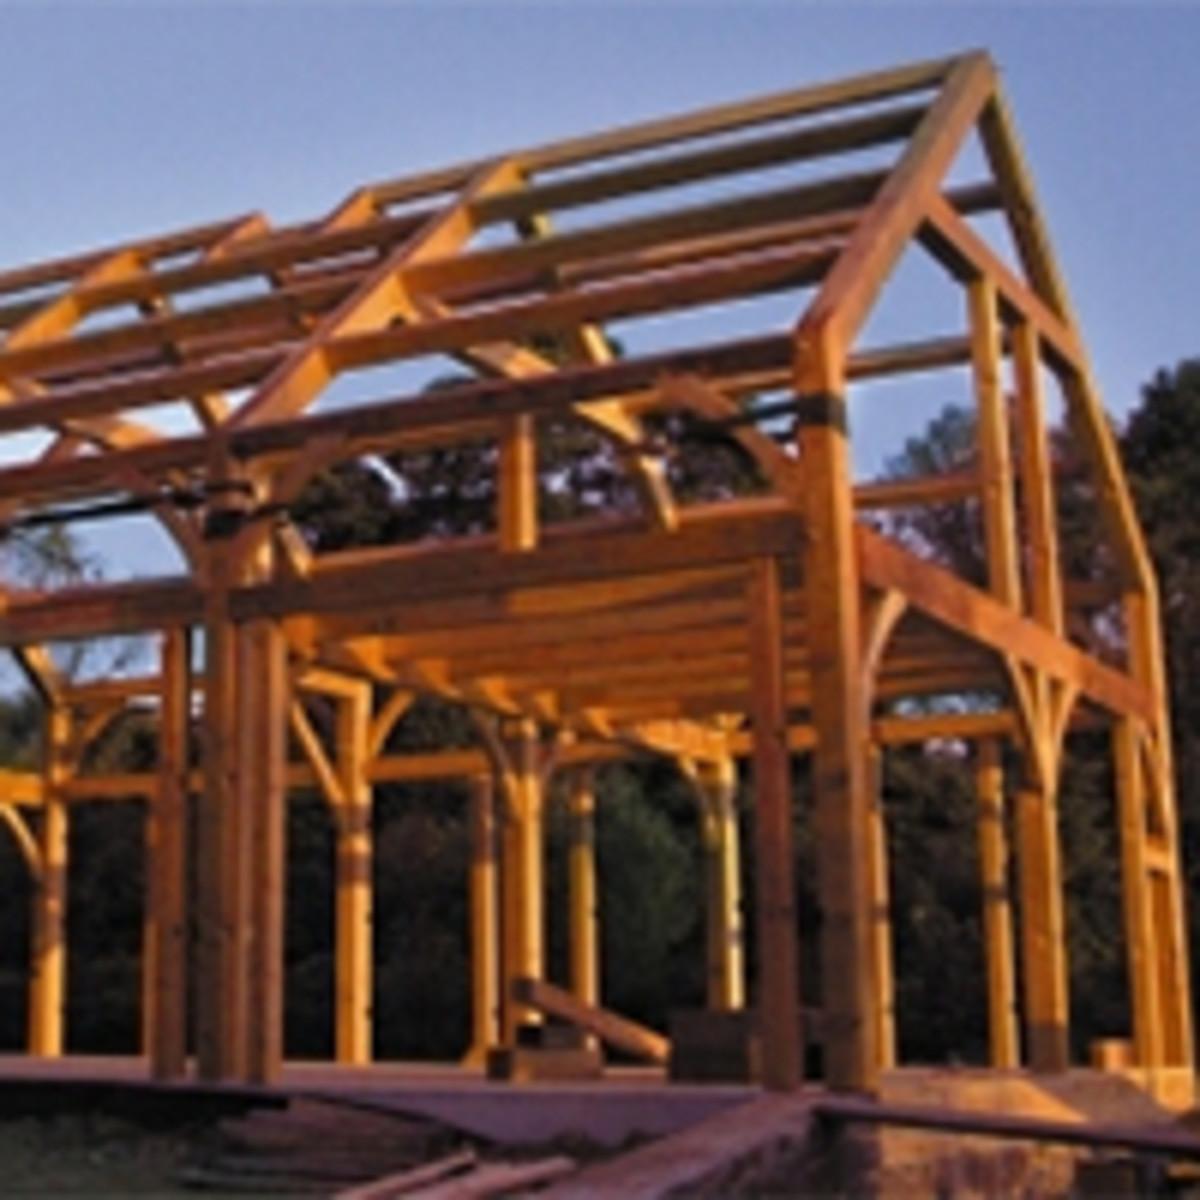 timber framing and barns